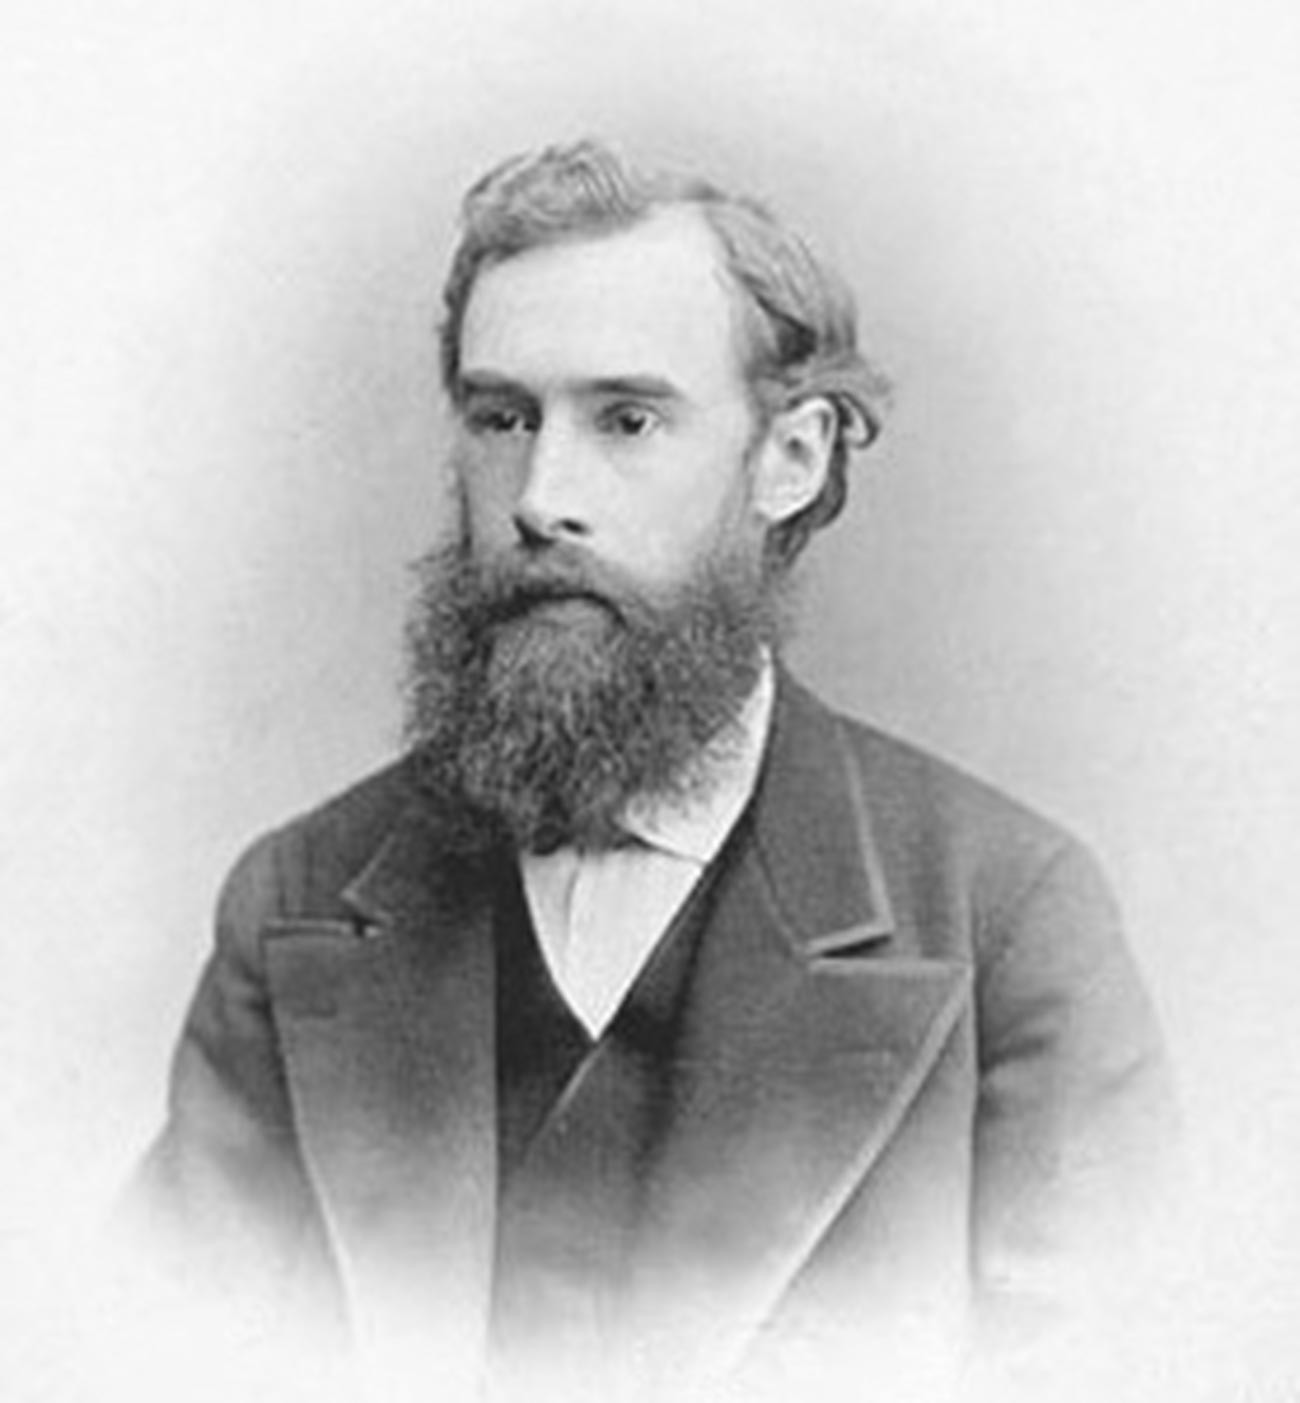 Pavel Tretjakov nel 1892